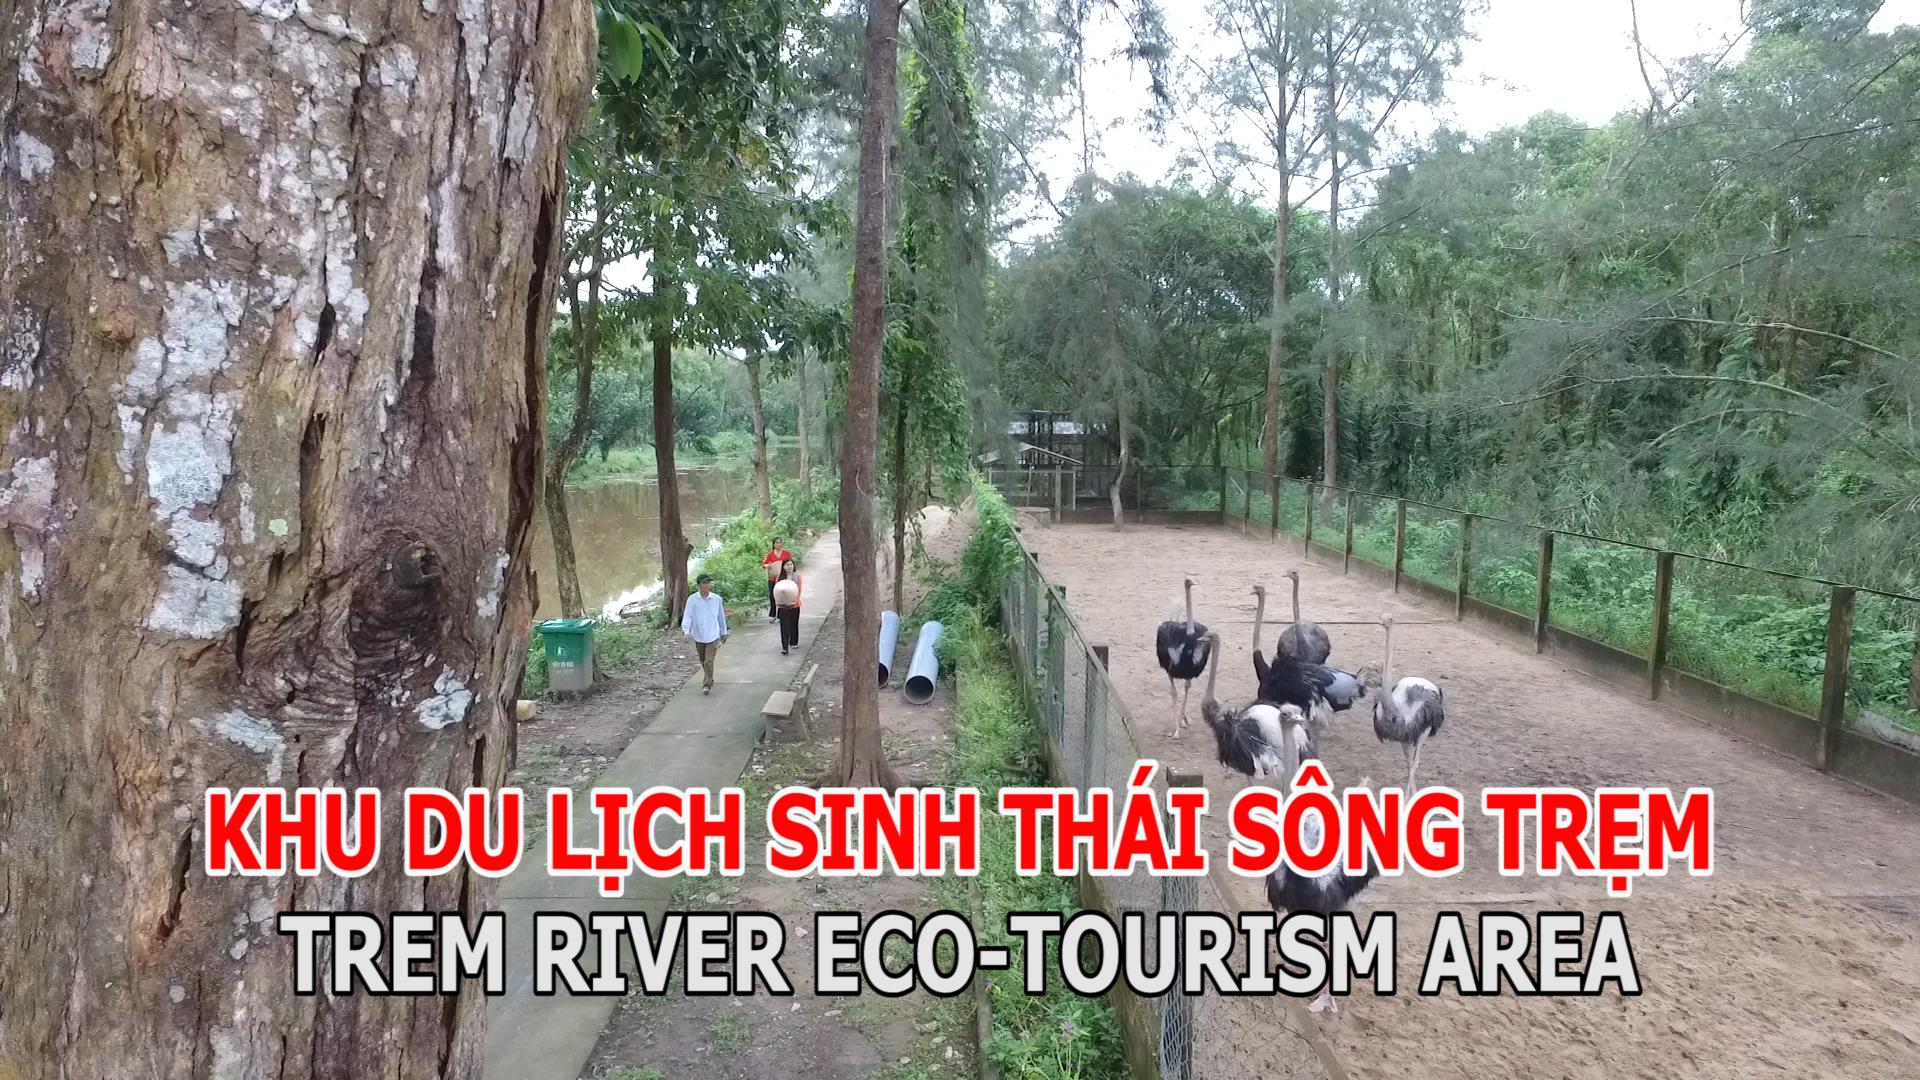 Khu du lịch sinh thái Sông Trẹm